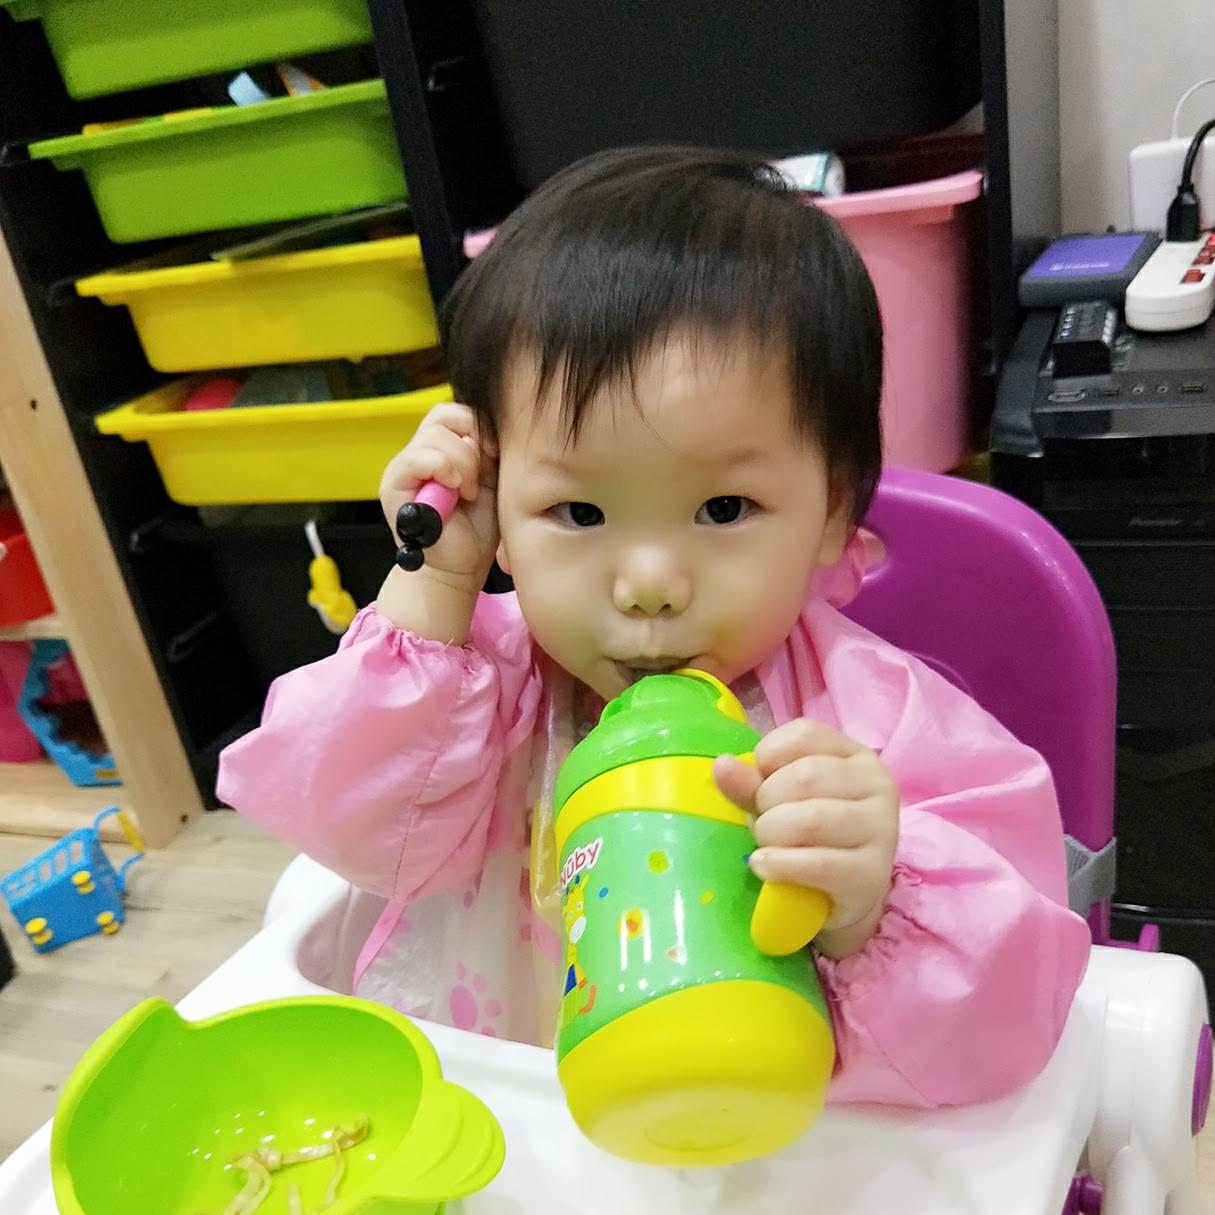 [育兒]Nuby不鏽鋼保溫保冷真空學習杯,冬天必備寶寶喝水暖呼呼。